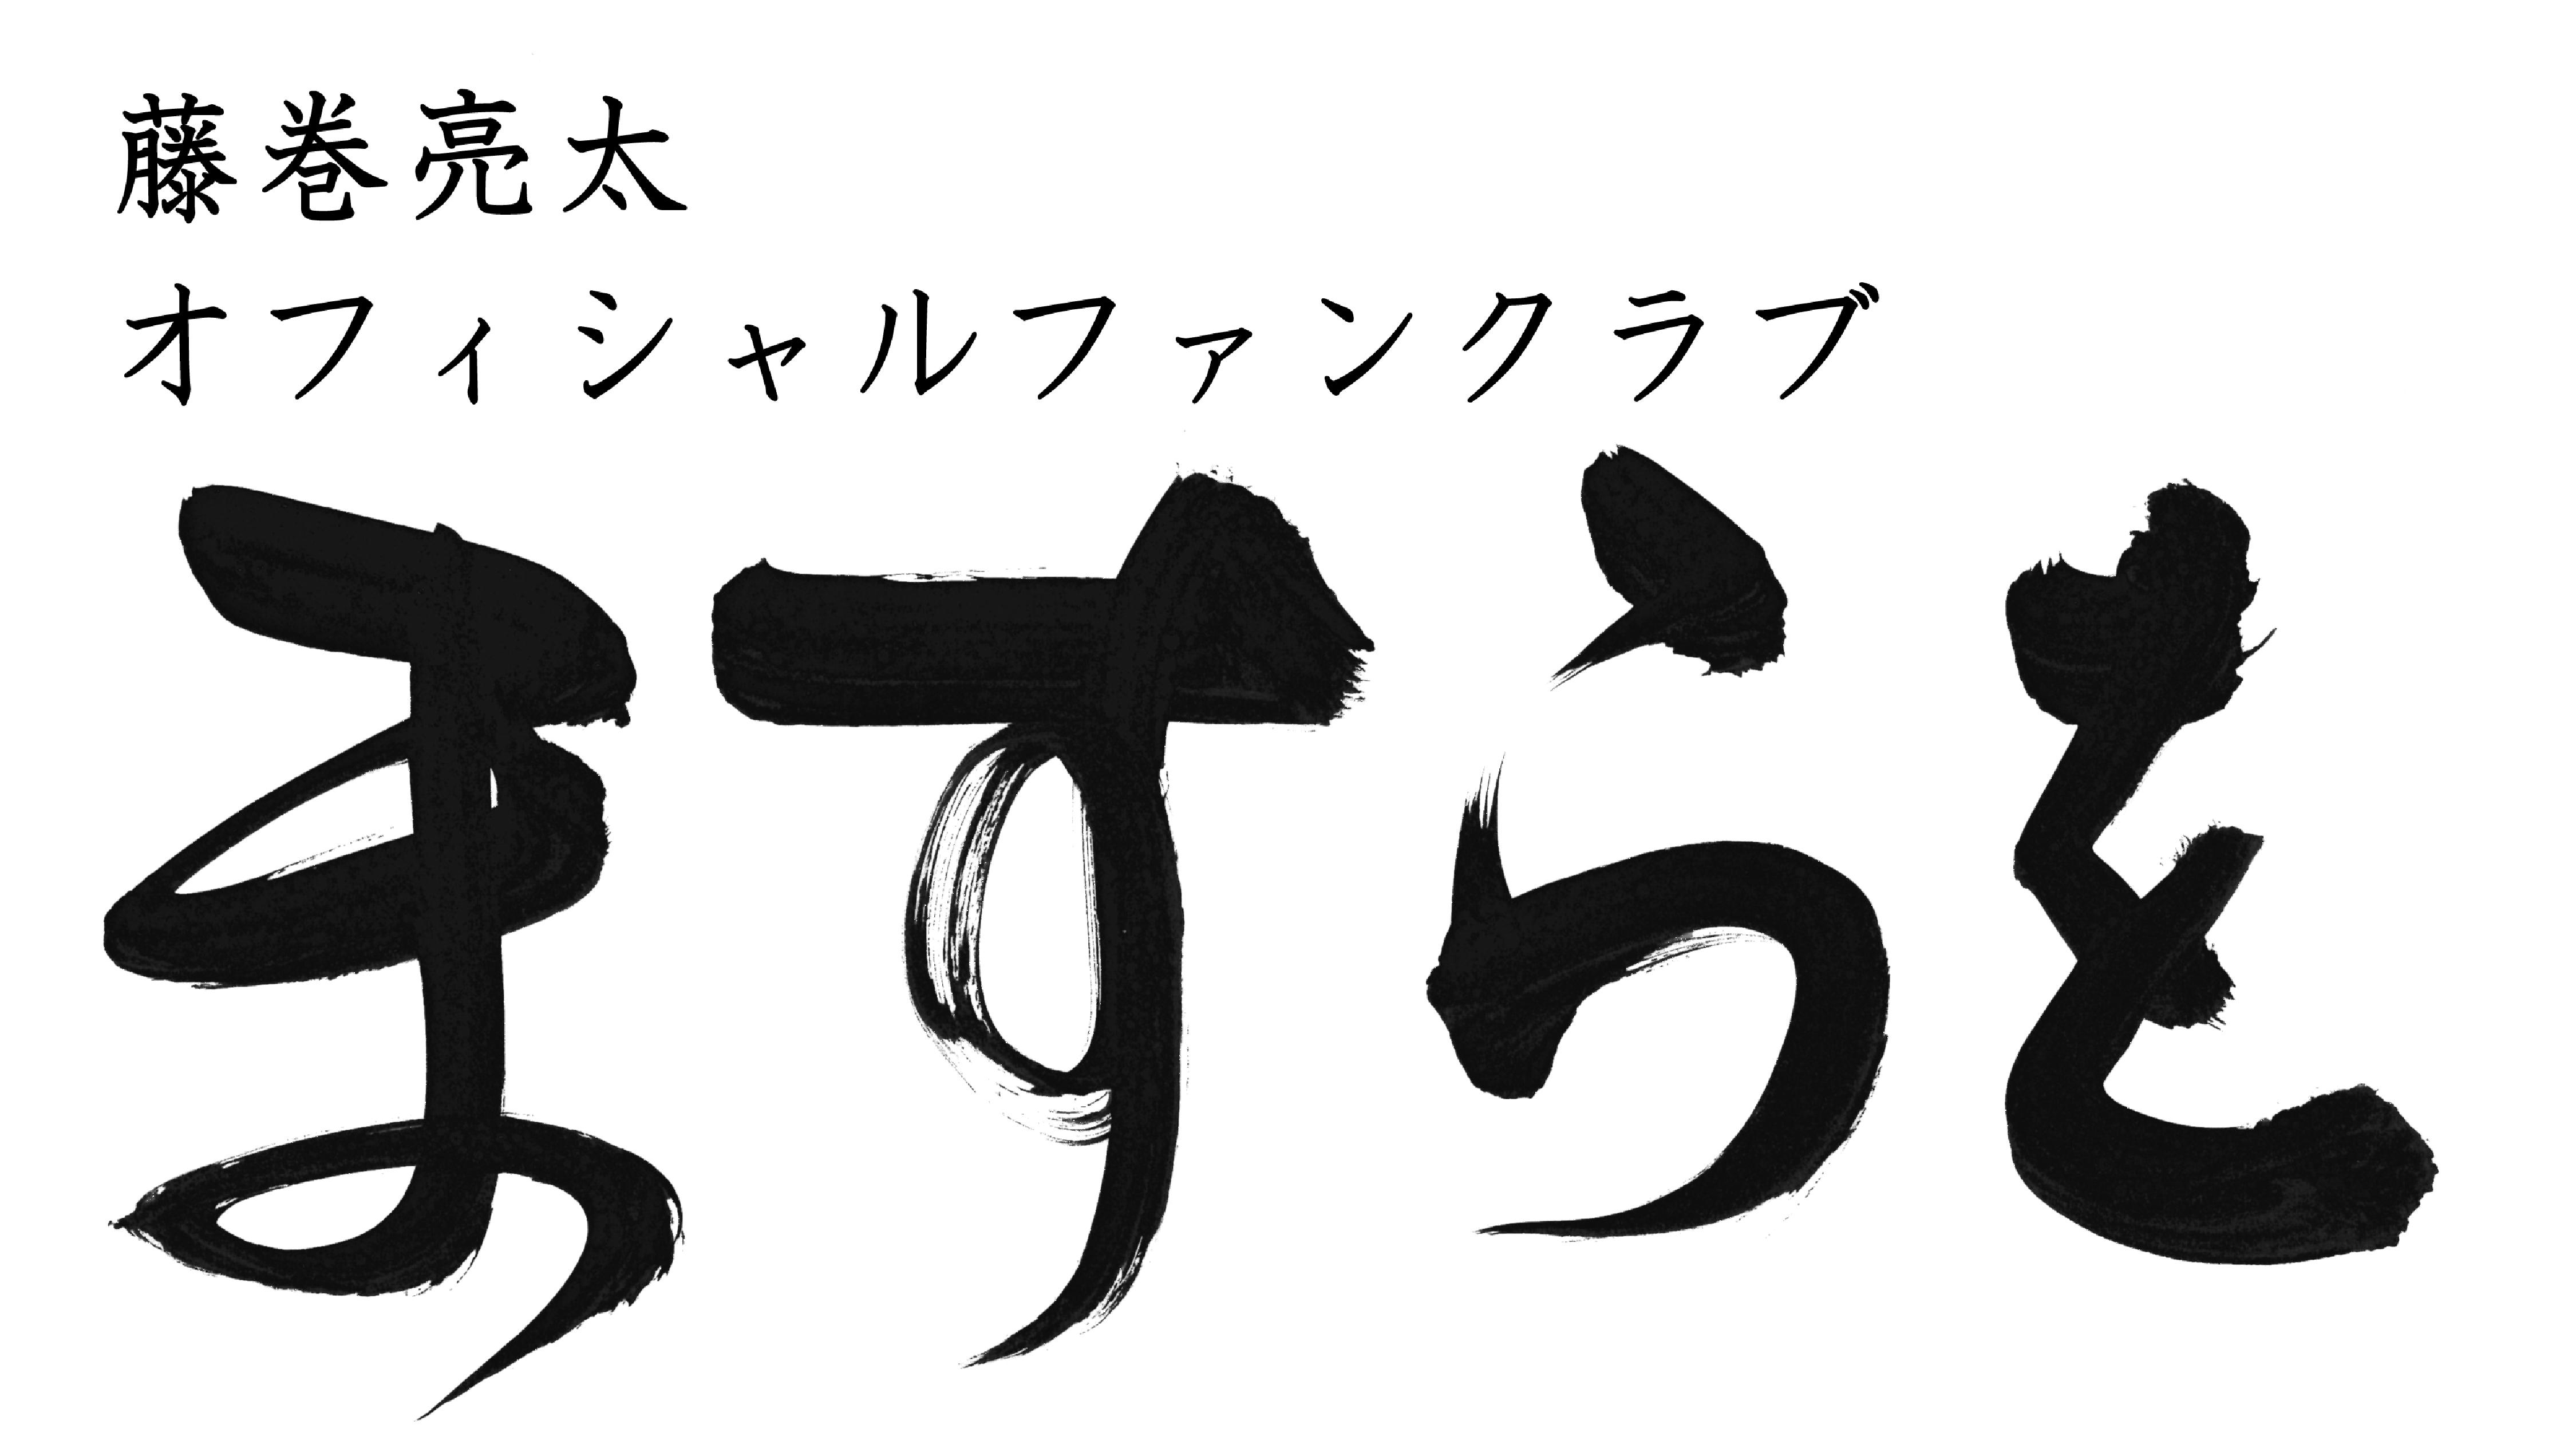 藤巻亮太オフィシャルファンクラブ「ますらを」